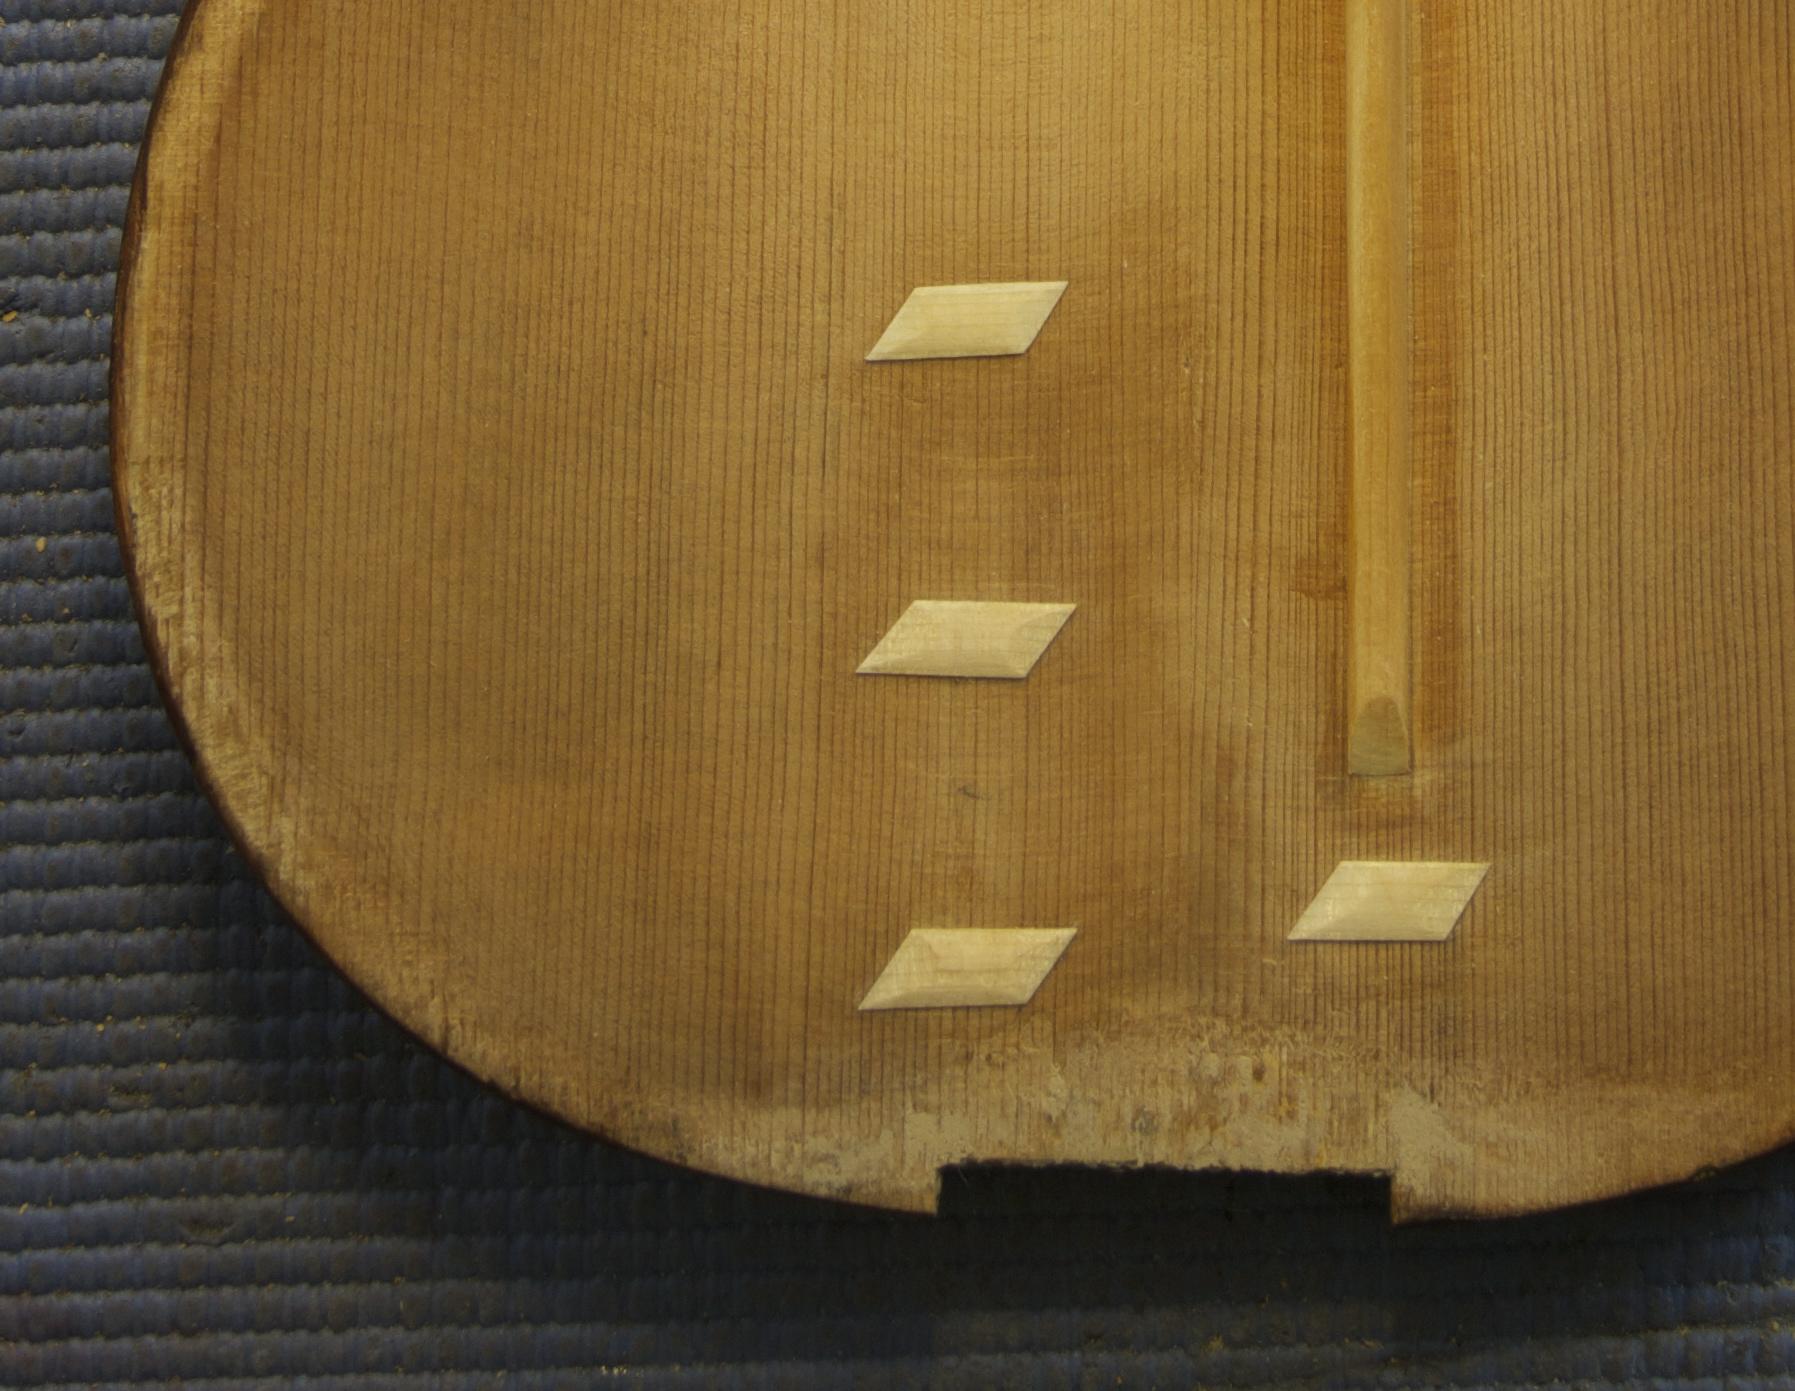 Old wood minerale interior of violin - Dscn2046 Version 2